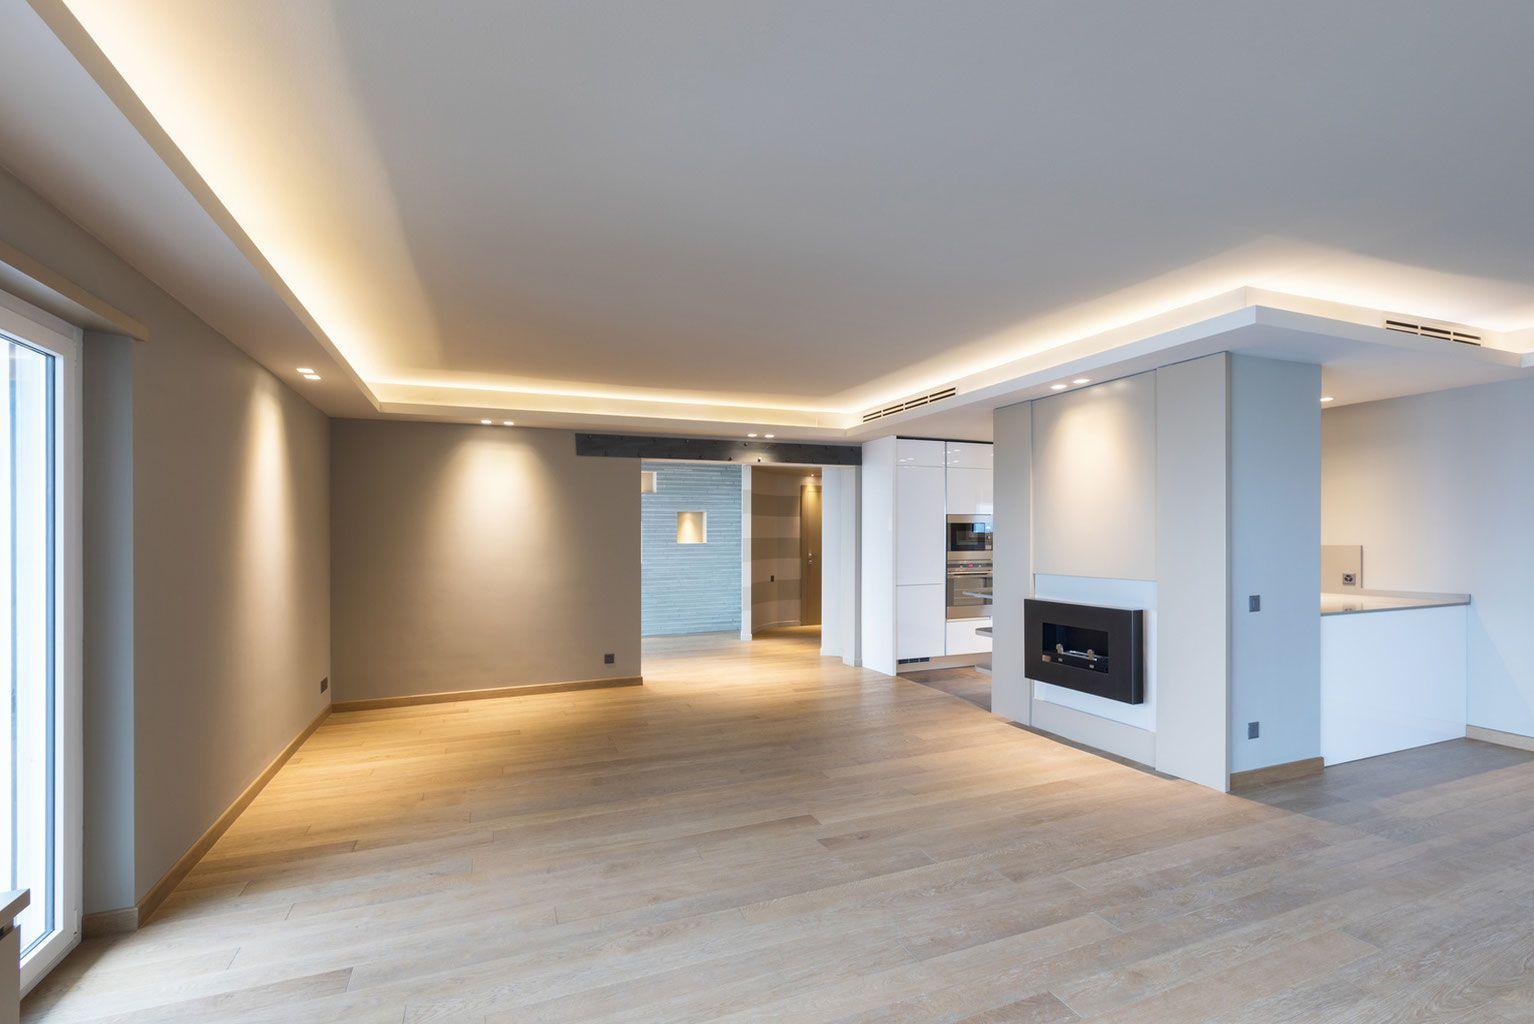 Sie Traumen Schon Lange Von Einer Abgehangten Decke Mit Indirekter Beleuchtung Oder Modernen Einbaustr Indirekte Beleuchtung Beleuchtung Beleuchtung Wohnzimmer